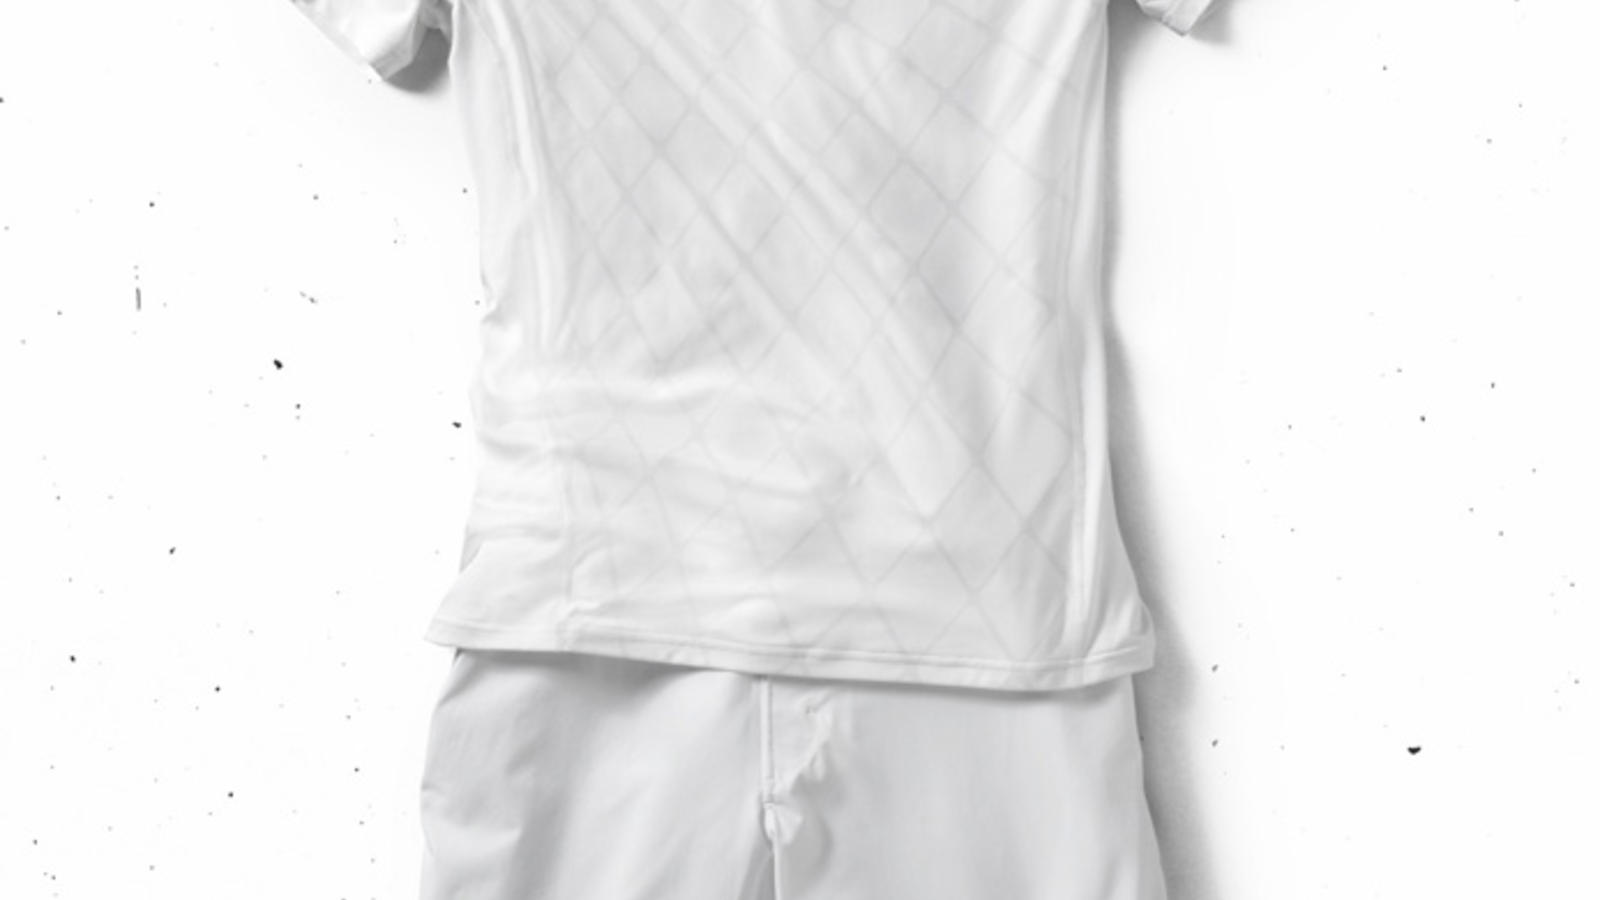 Rafa Nadal Wimbledon 2012